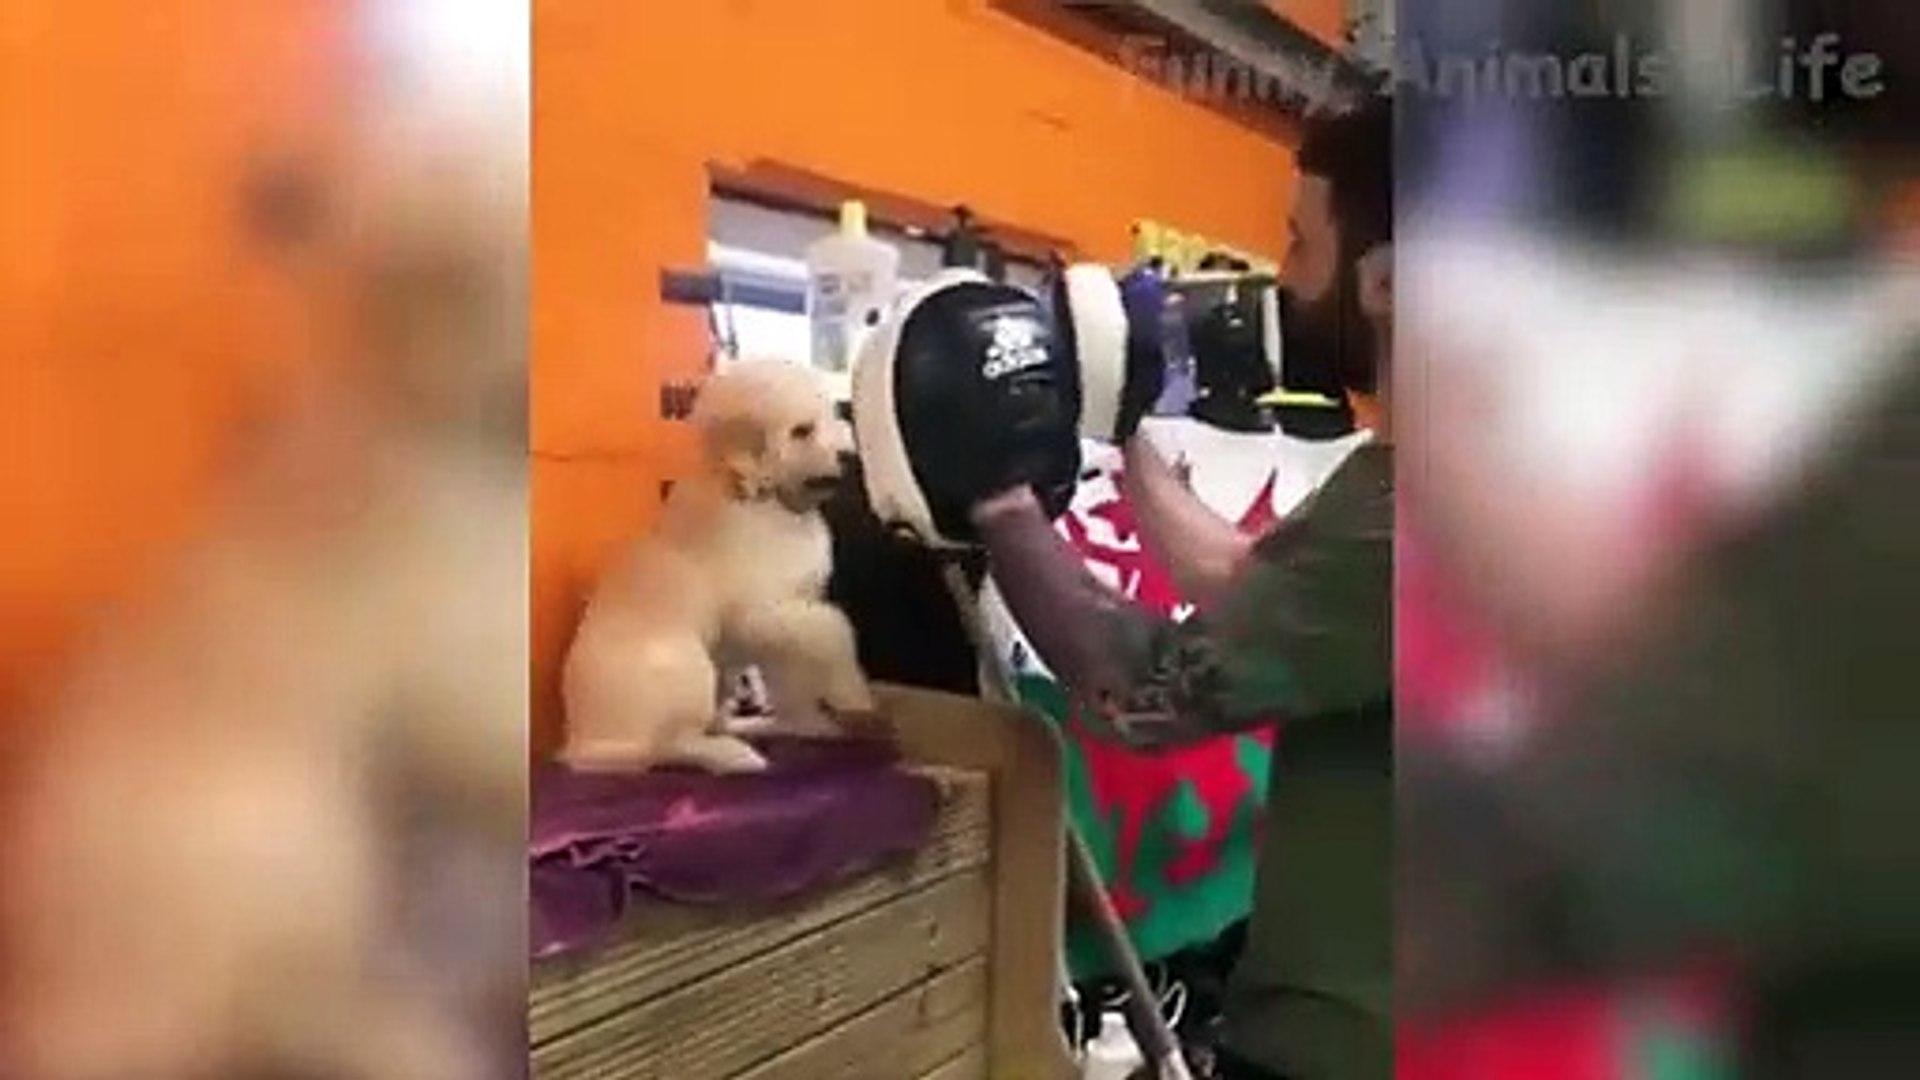 Tente não rir!  Gatos Cachorros - Animais de engraçados divertidos brincando